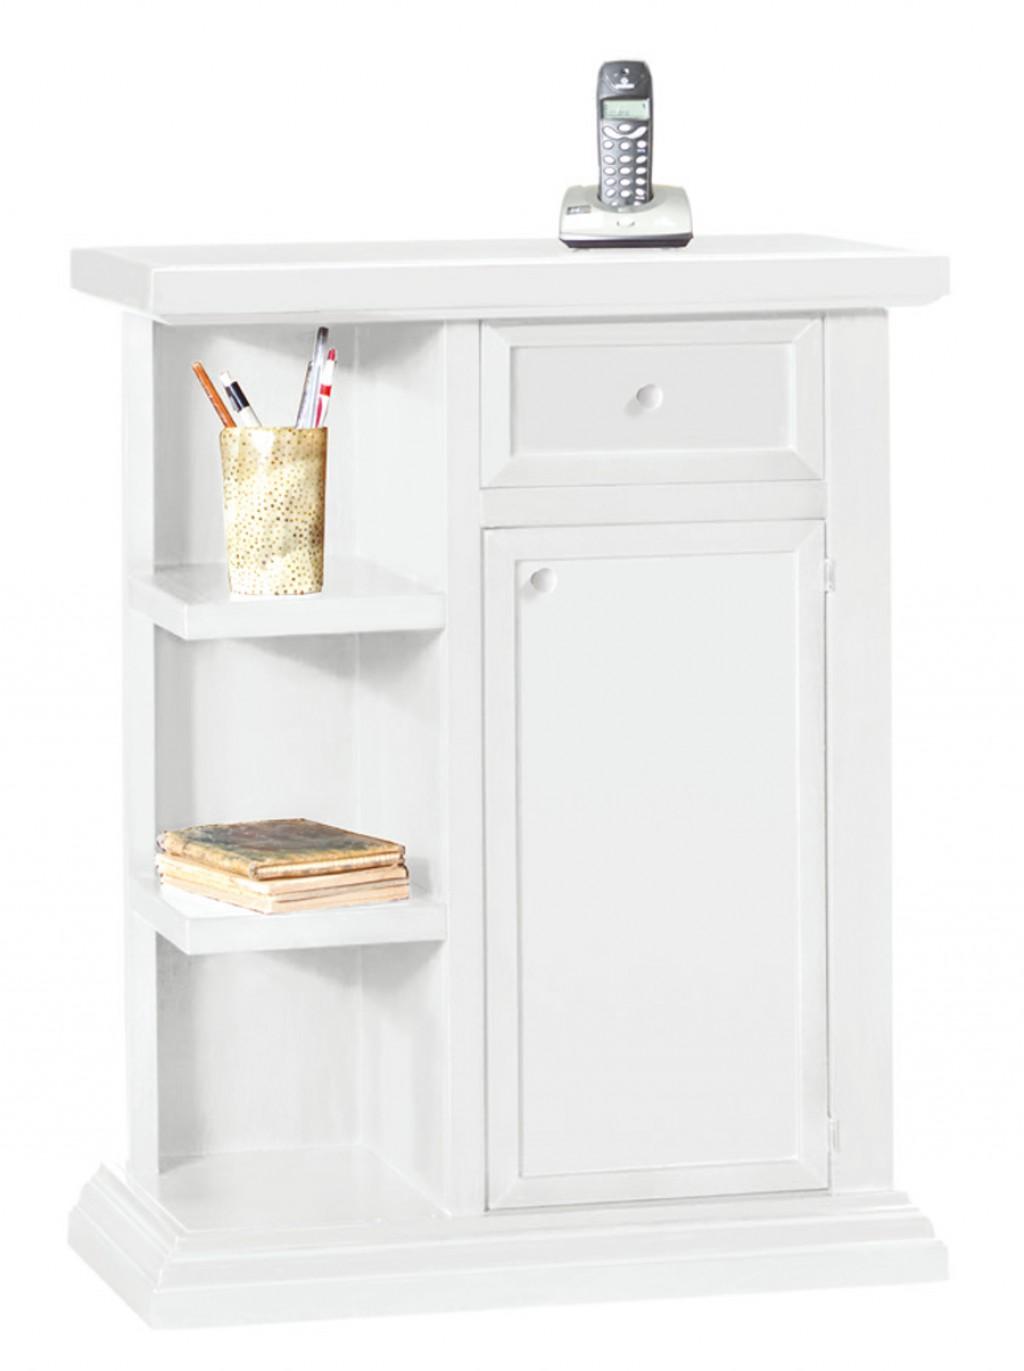 Porta telefono classico et1373 cucine mobili di for Mobili cucine qualita